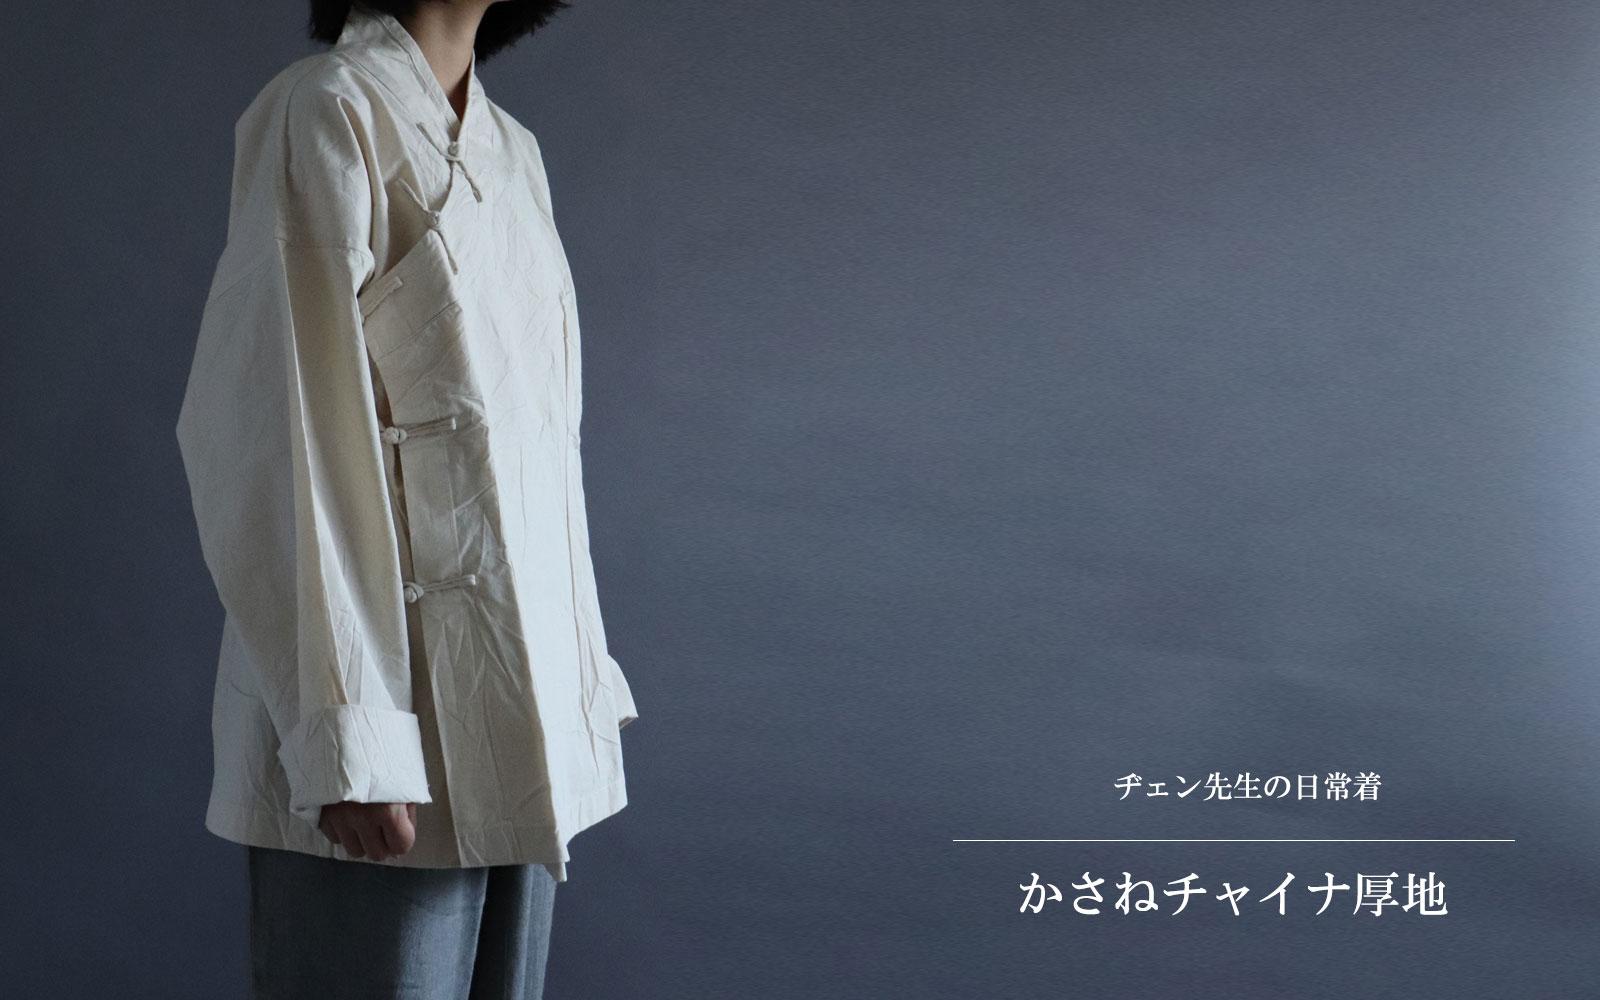 ヂェン先生の日常着 かさねチャイナ 長袖厚地